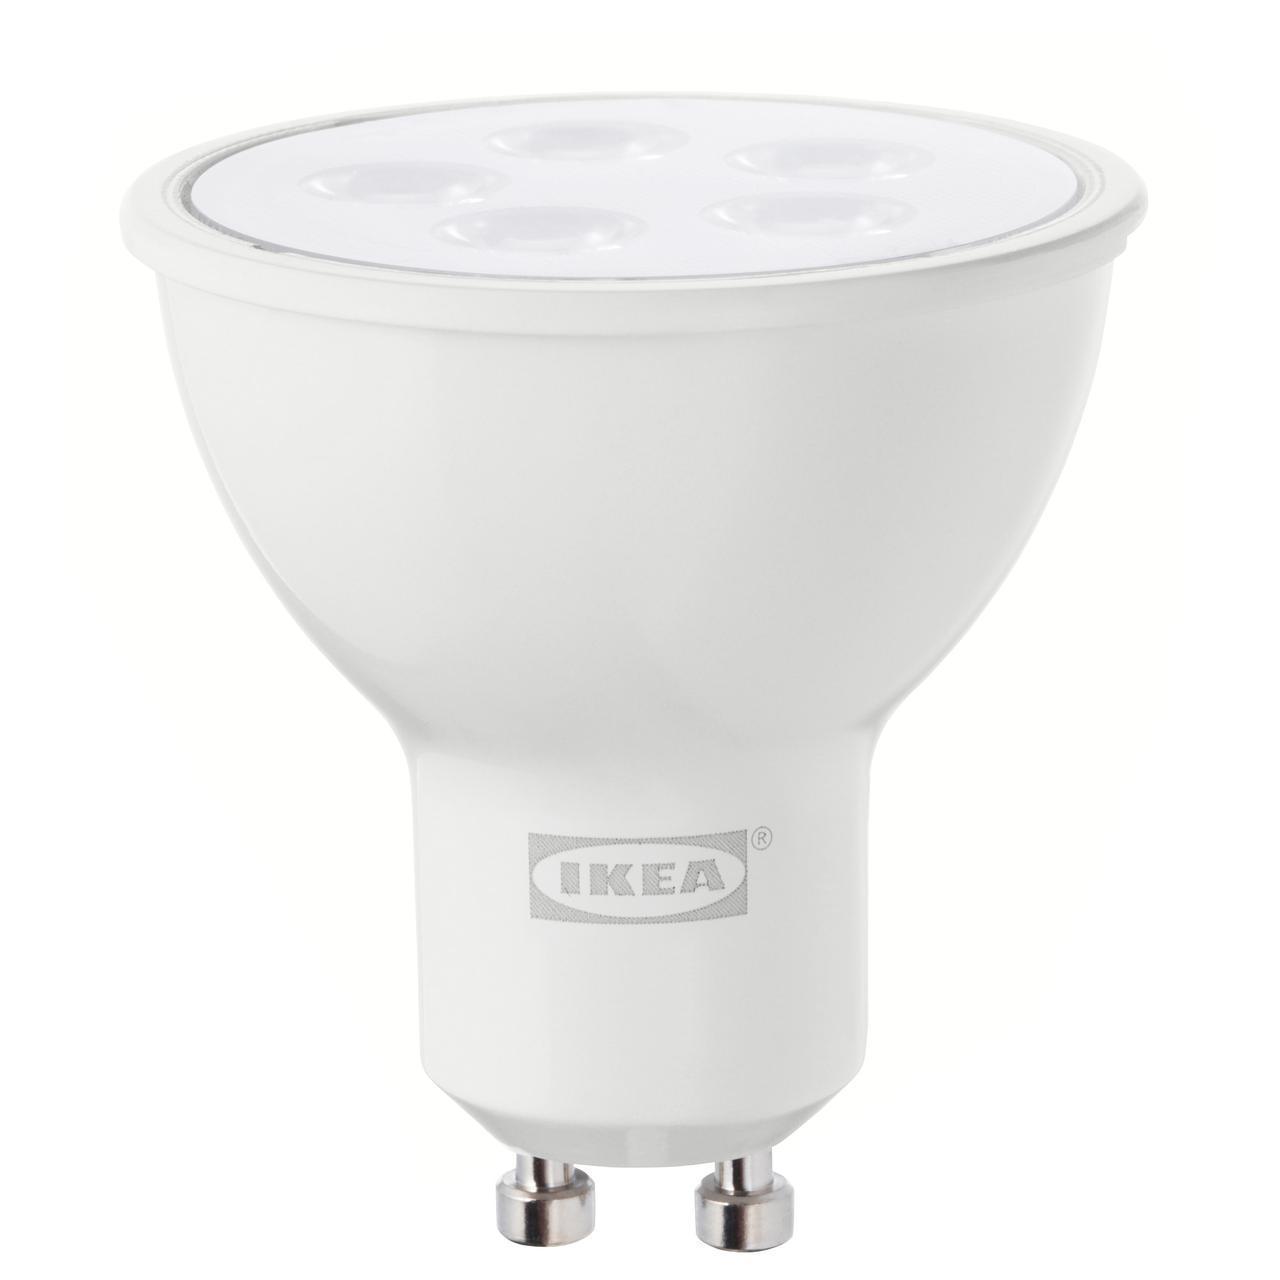 IKEA TRADFRI Светодиодная лампа GU10 400 люмен, беспроводная регулировка яркости теплый белый (803.652.70)